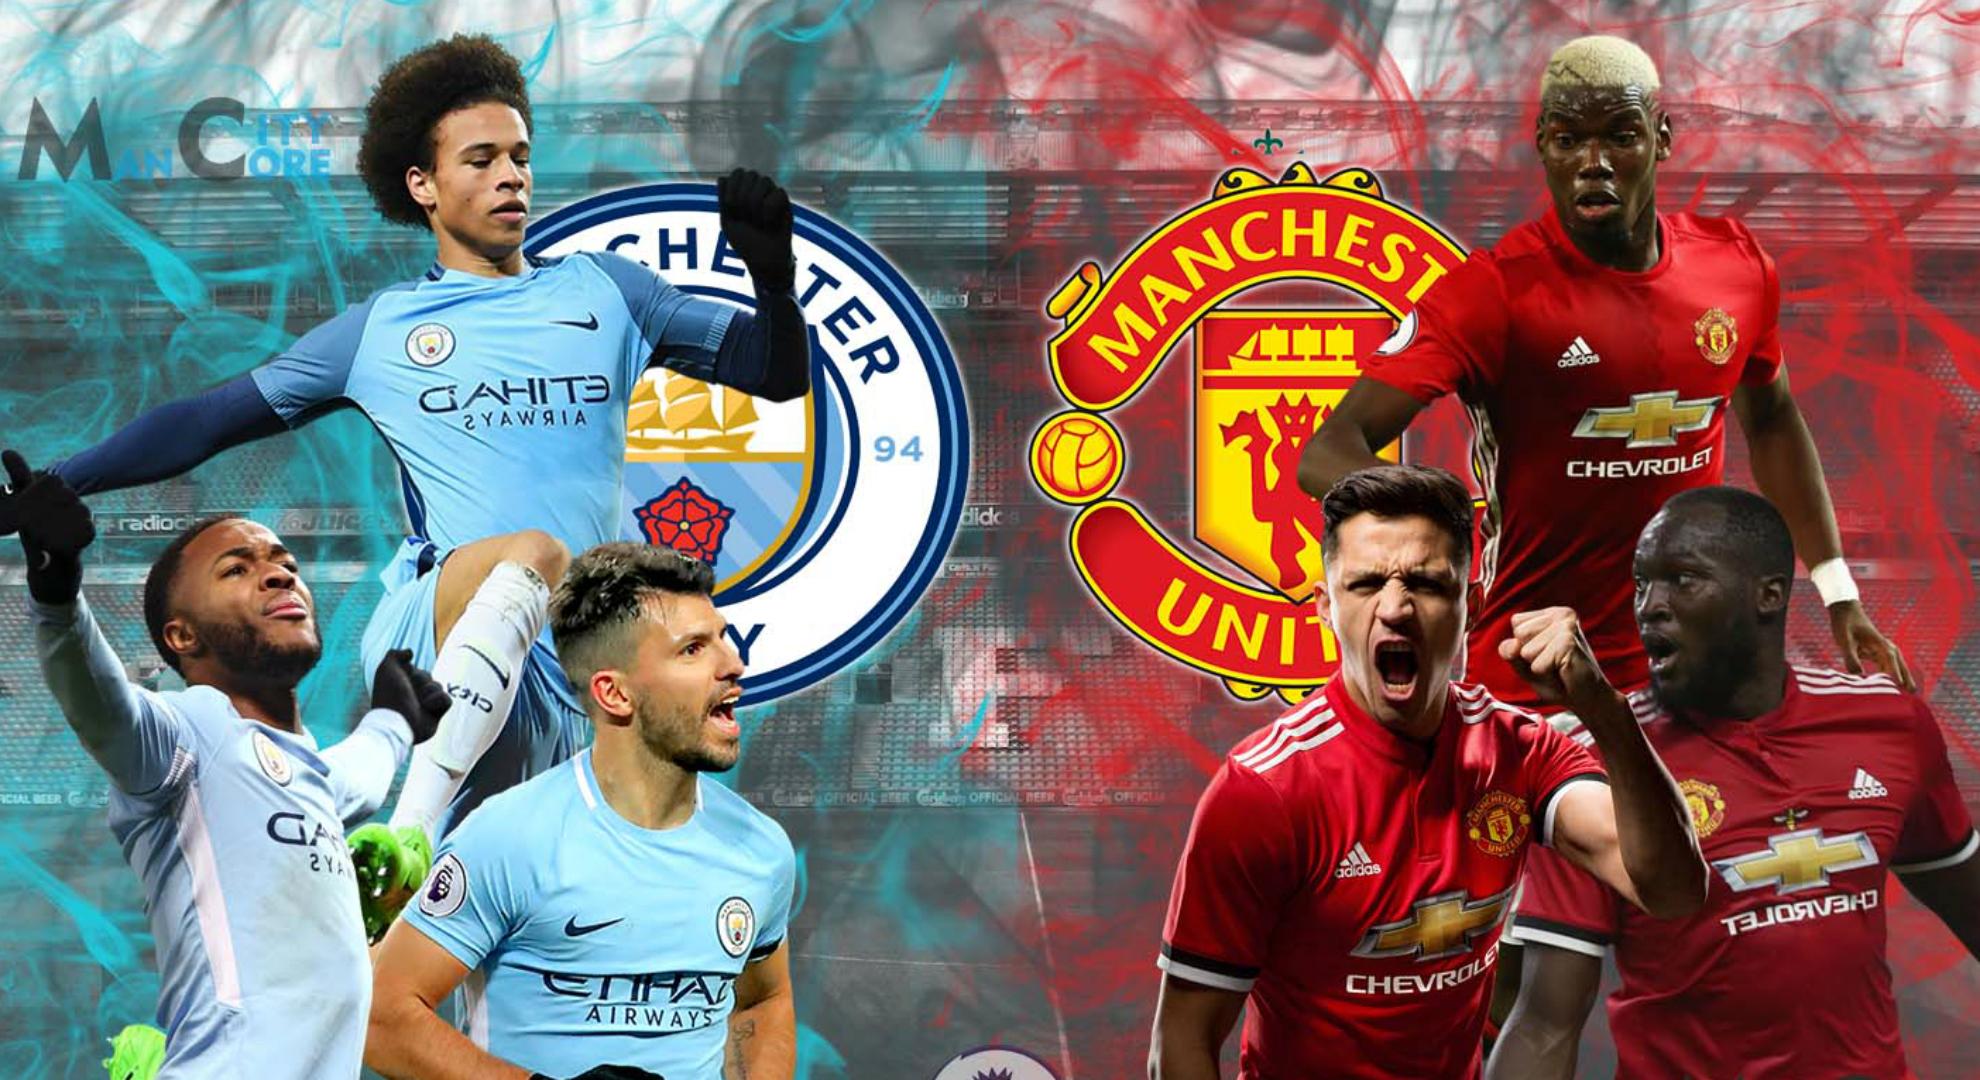 City vs. United: clásico en Manchester podría coronar a equipo de Guardiola